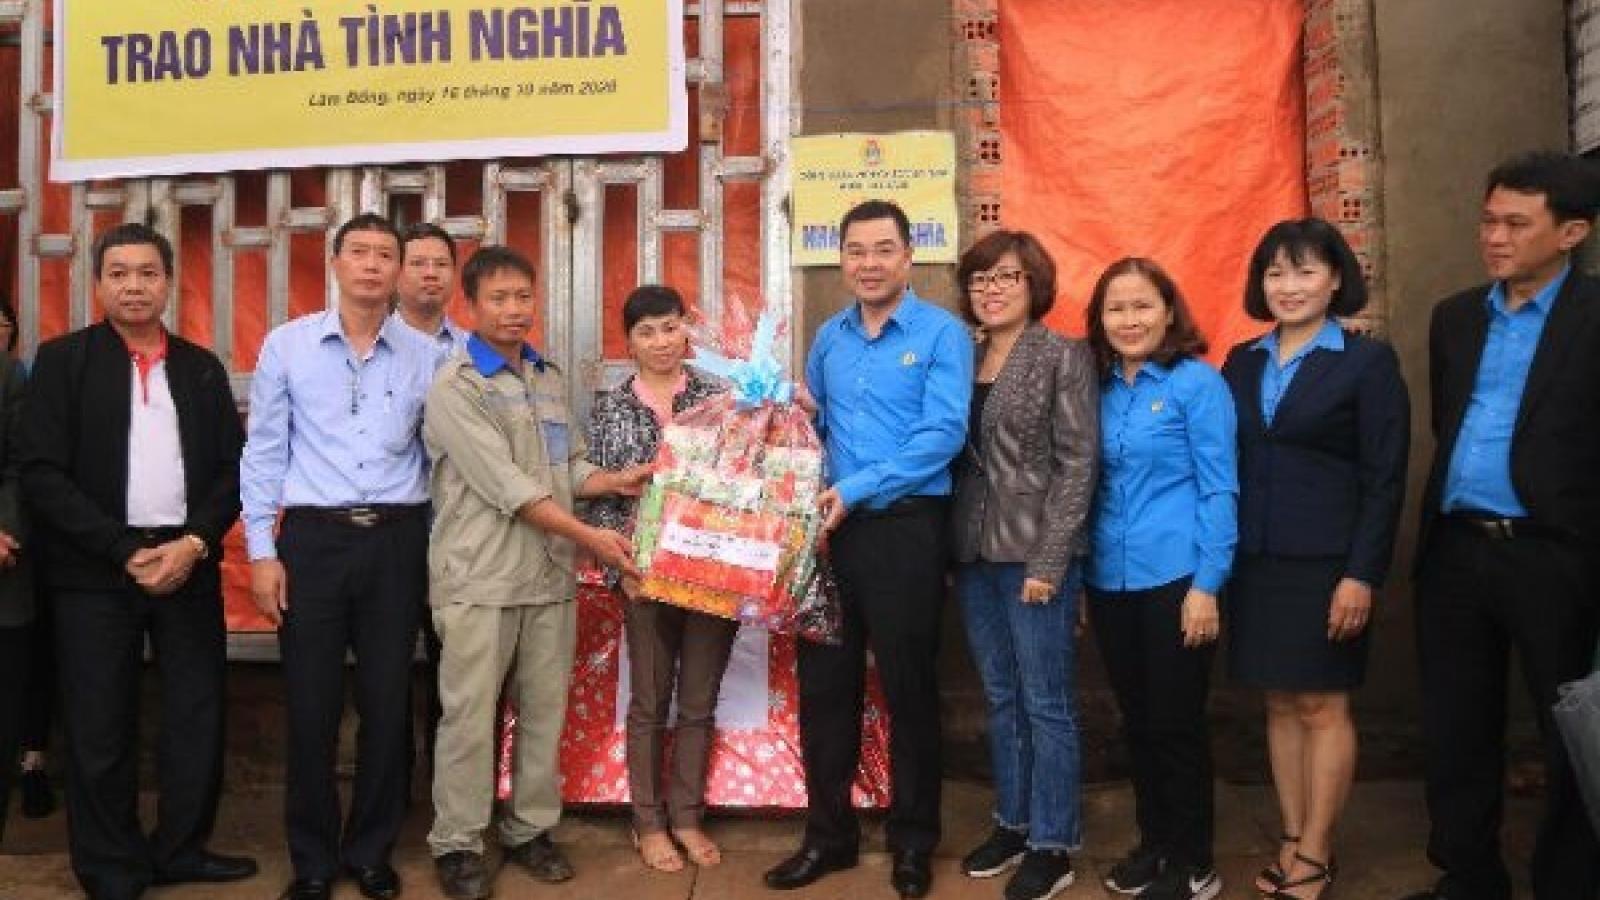 Khối Thi đua III trao nhà tình nghĩa tại Lâm Đồng